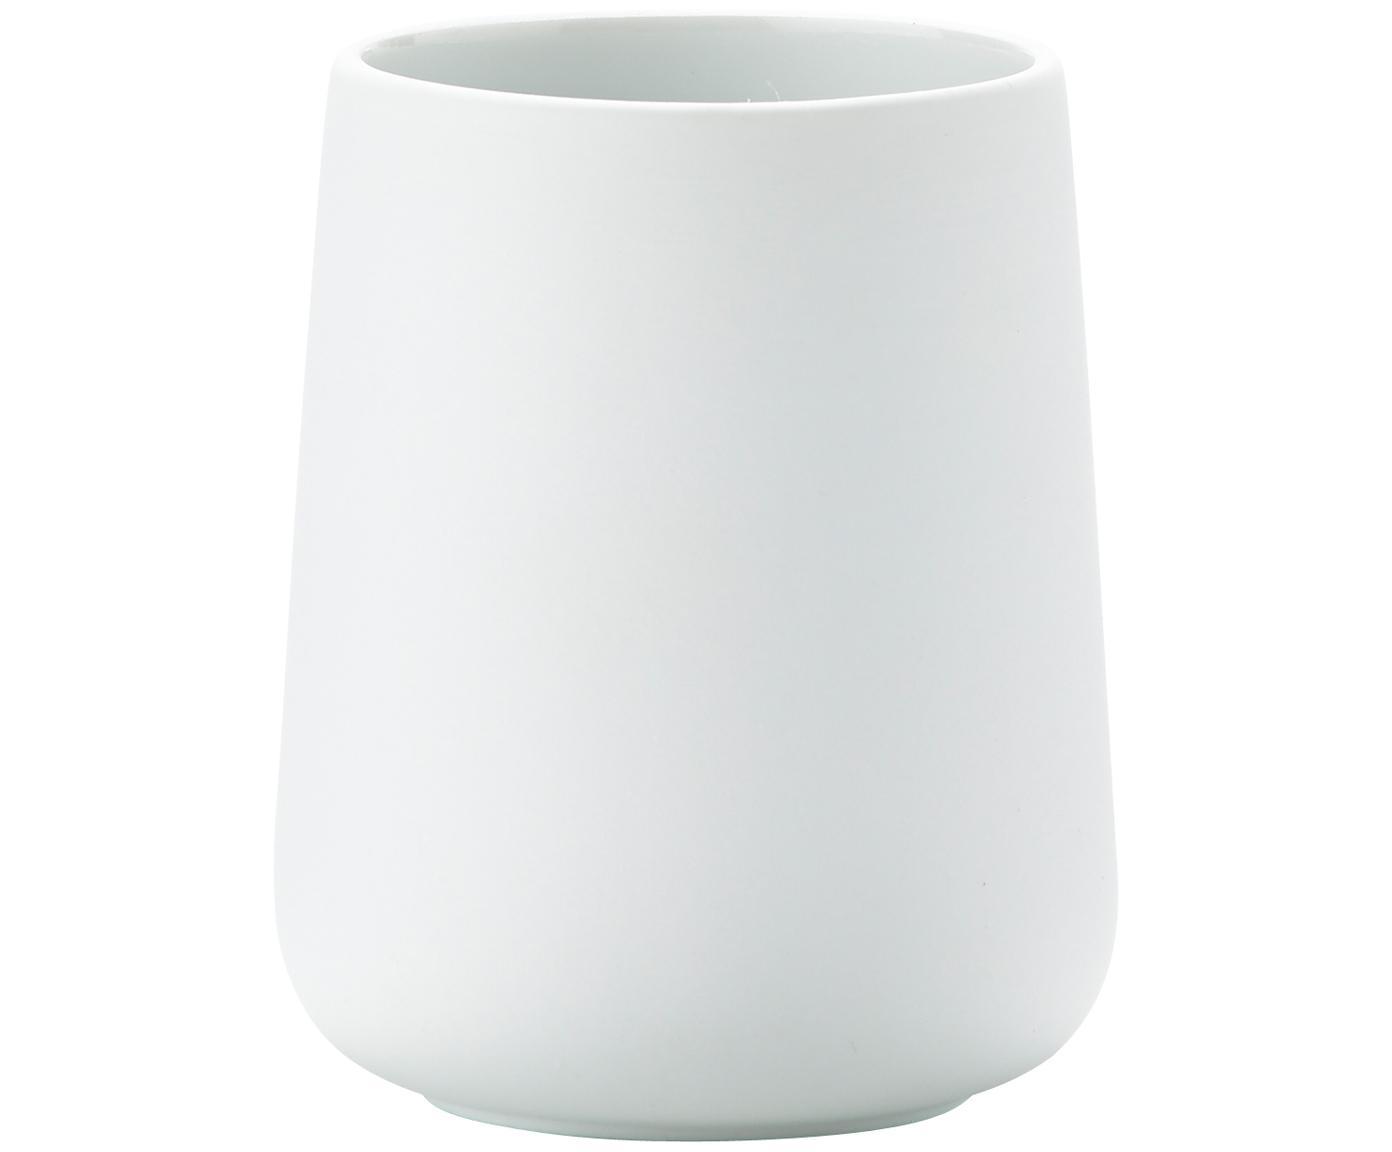 Vaso cepillo de dientes Nova, Porcelana, Blanco, Ø 8 x Al 10 cm